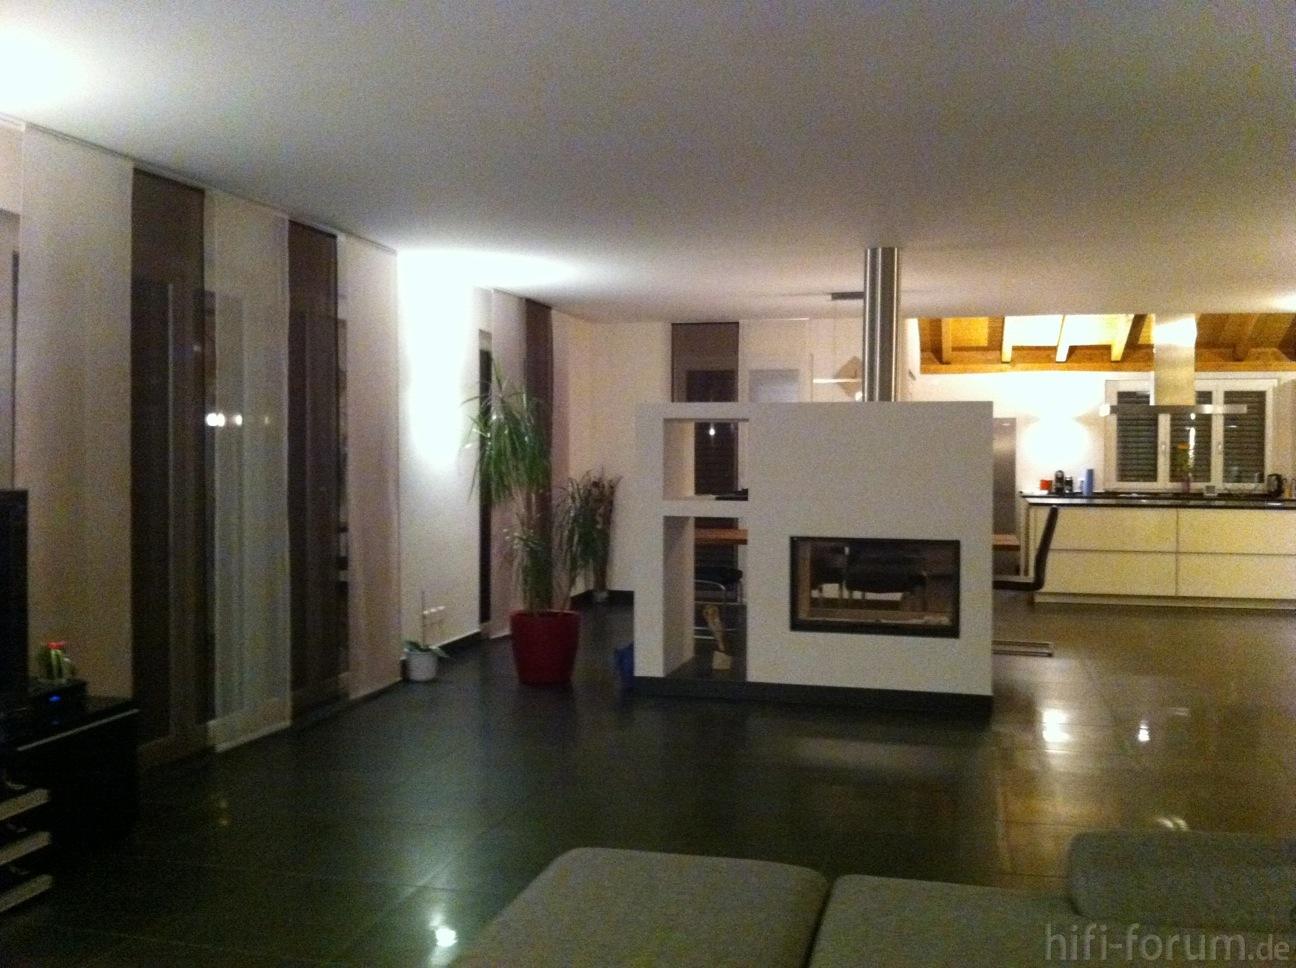 blick vom wohnzimmer in die offene k che blick heimkino k che lautsprecher offene. Black Bedroom Furniture Sets. Home Design Ideas